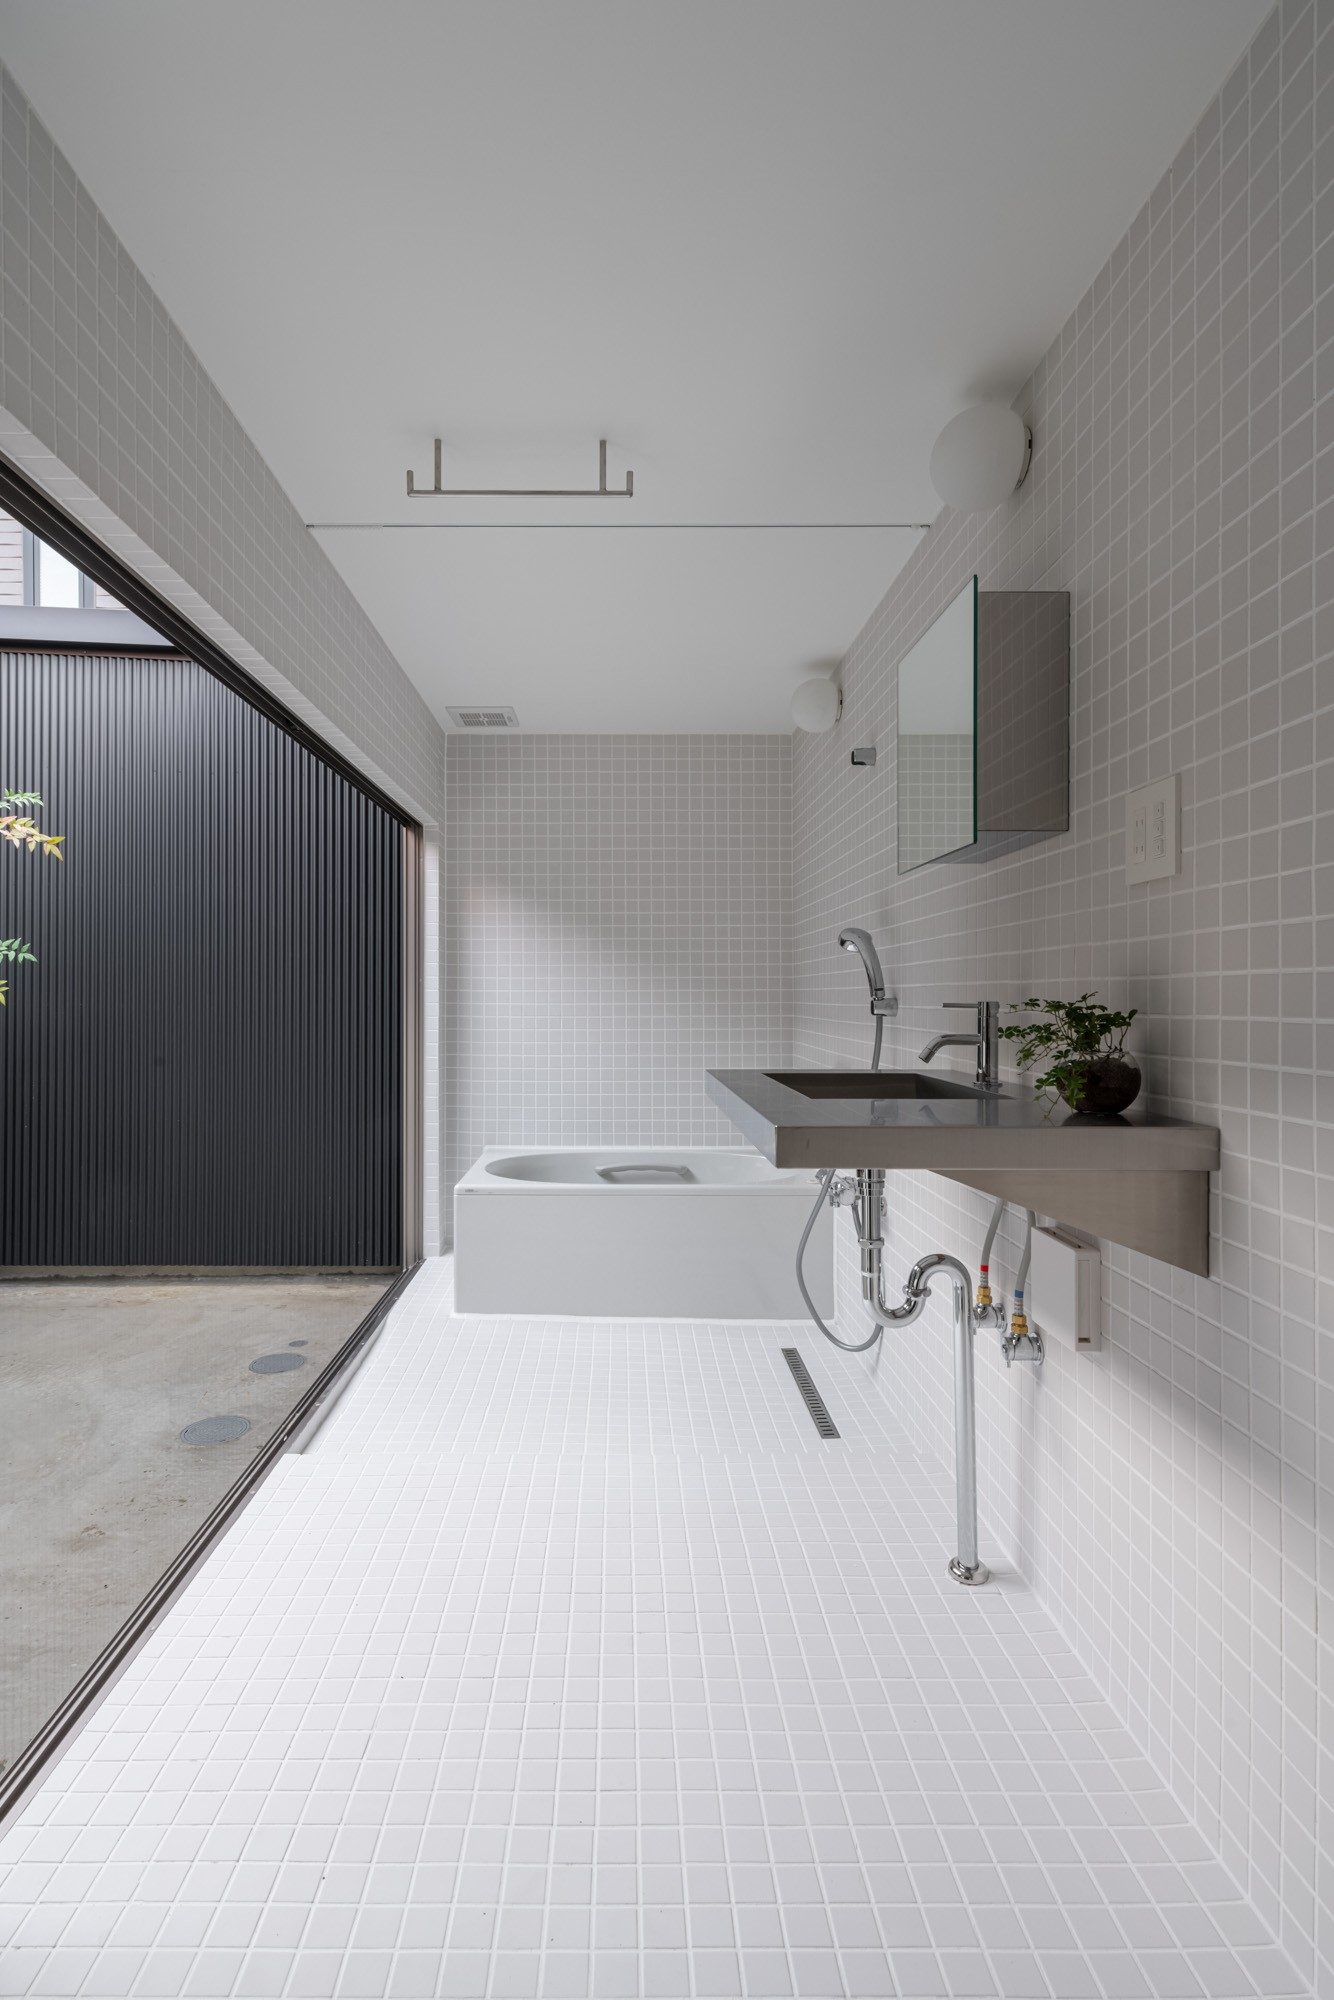 バス/トイレ事例:光庭に面した洗面浴室 /白いタイル張りでモダンなデザイン(『RE長屋‐ITO2』~新:旧・モダン:和 のコラボ~(古民家再生))